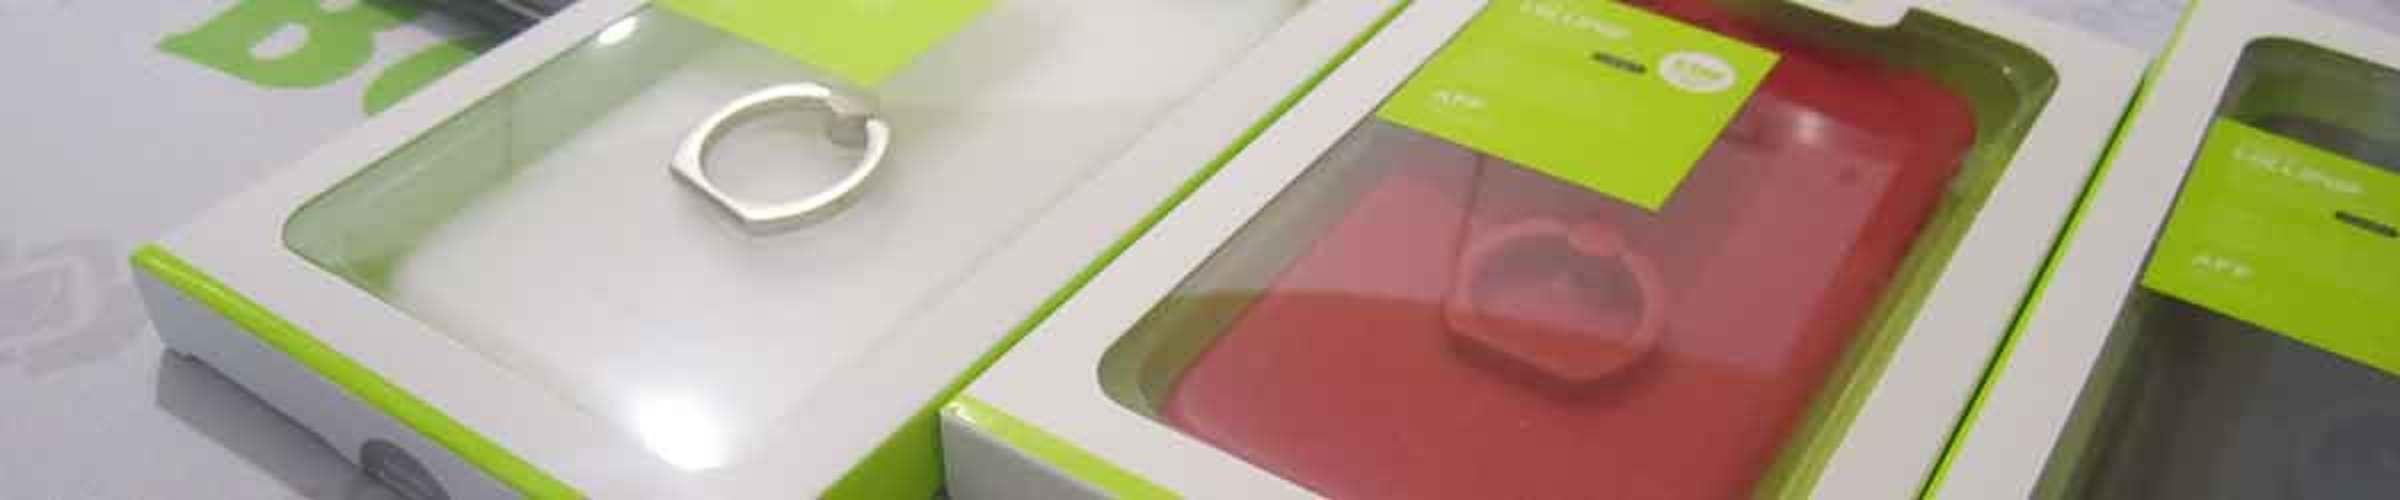 Чехол-подставка для iPhone 8/7 — оригинальное и стильное решение от Benks